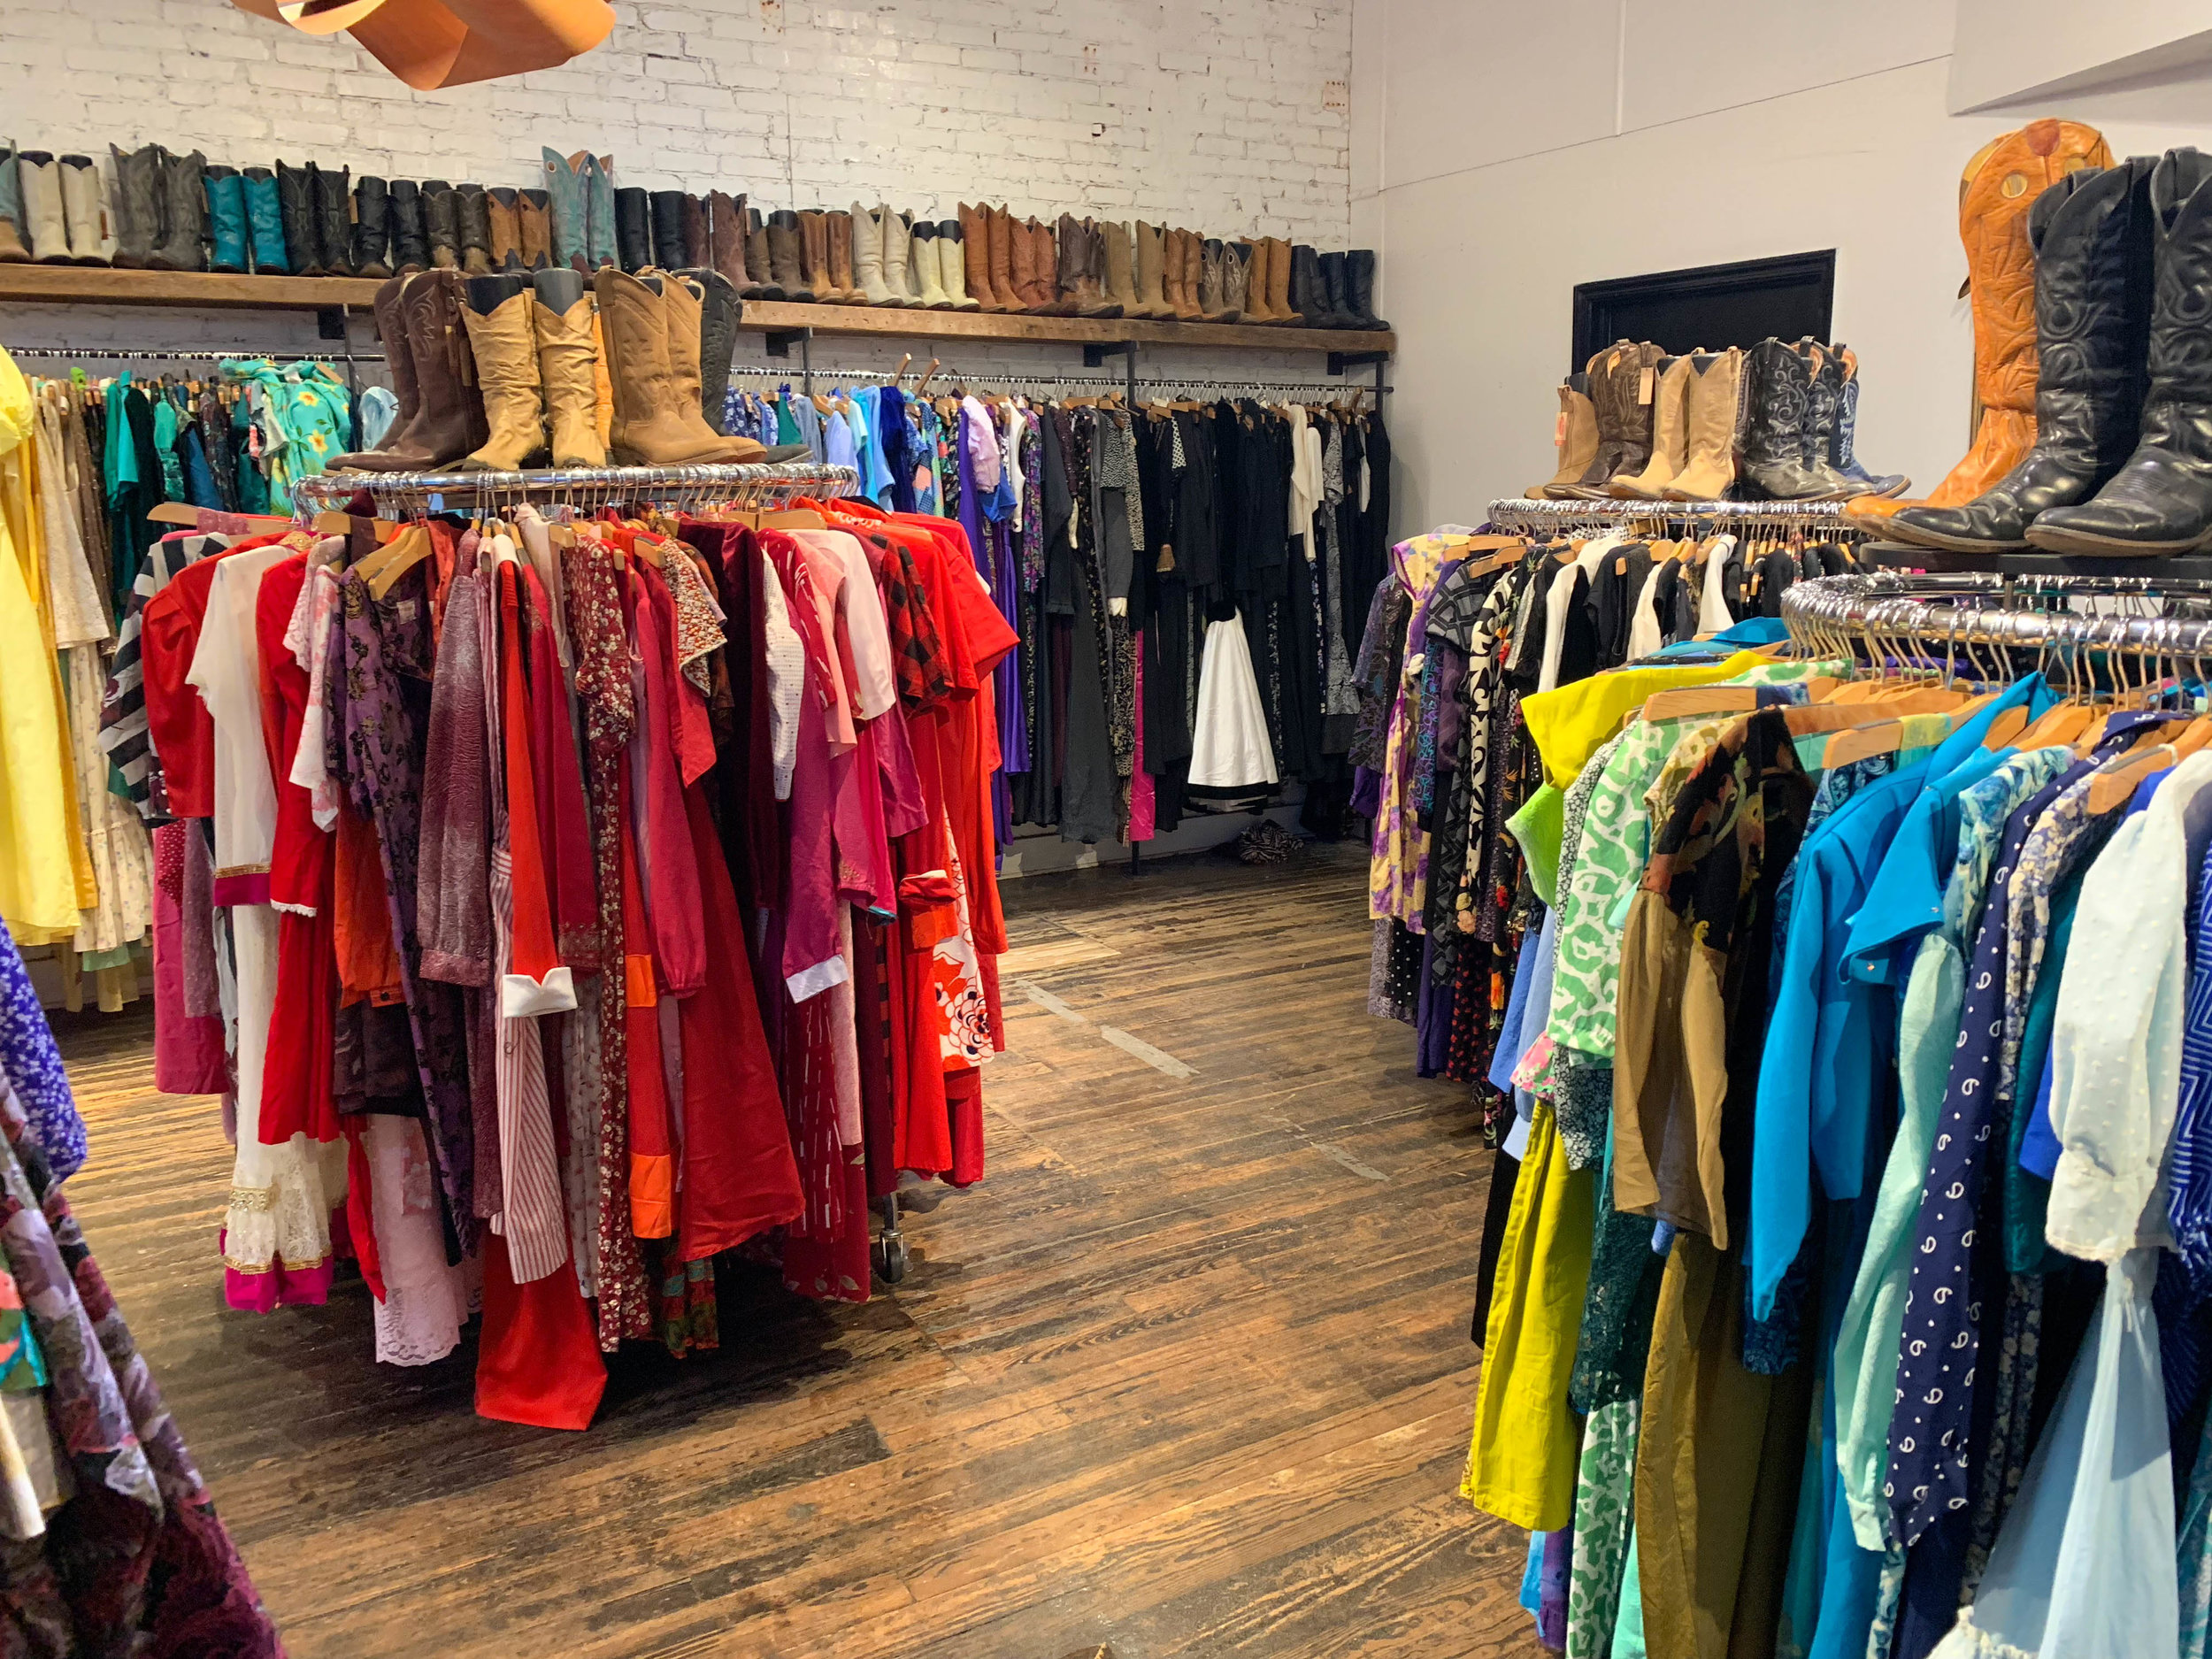 Rethinking how I arrange my closet. Rainbow may be the way to go.